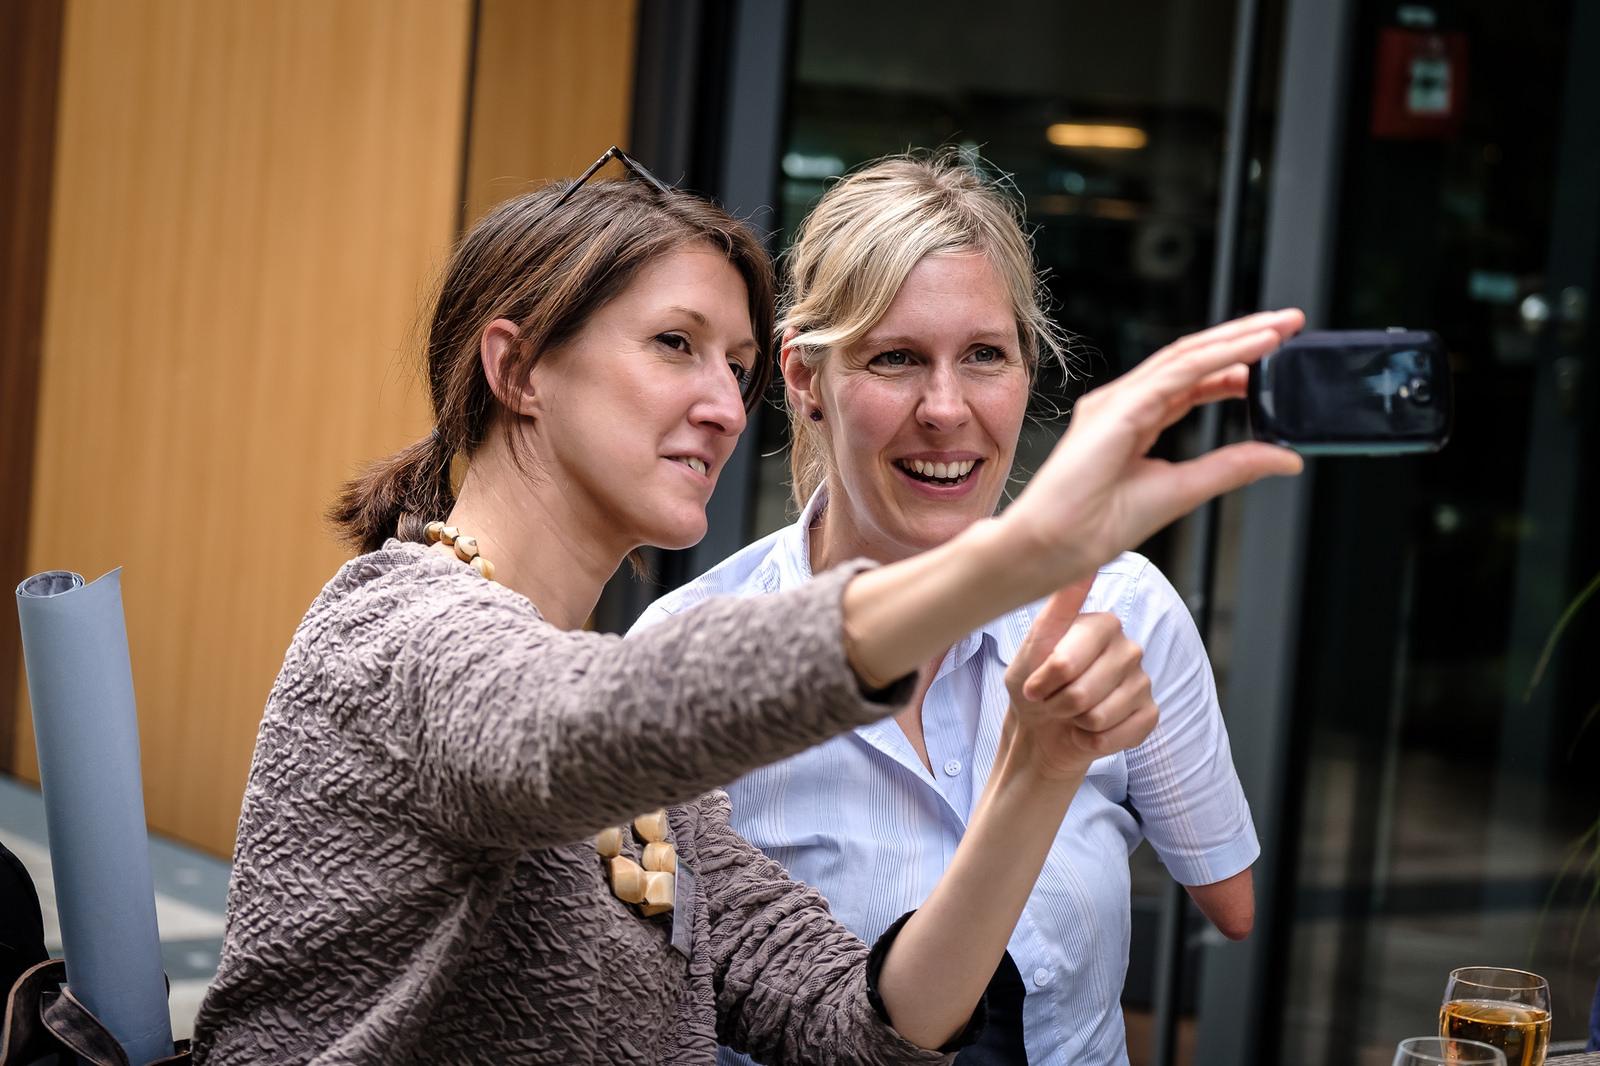 Zwei Frauen machen ein Selfie. Eine der beiden hat eine Behinderung durch verkürzte Arme. Sie lächeln in die Kamera.